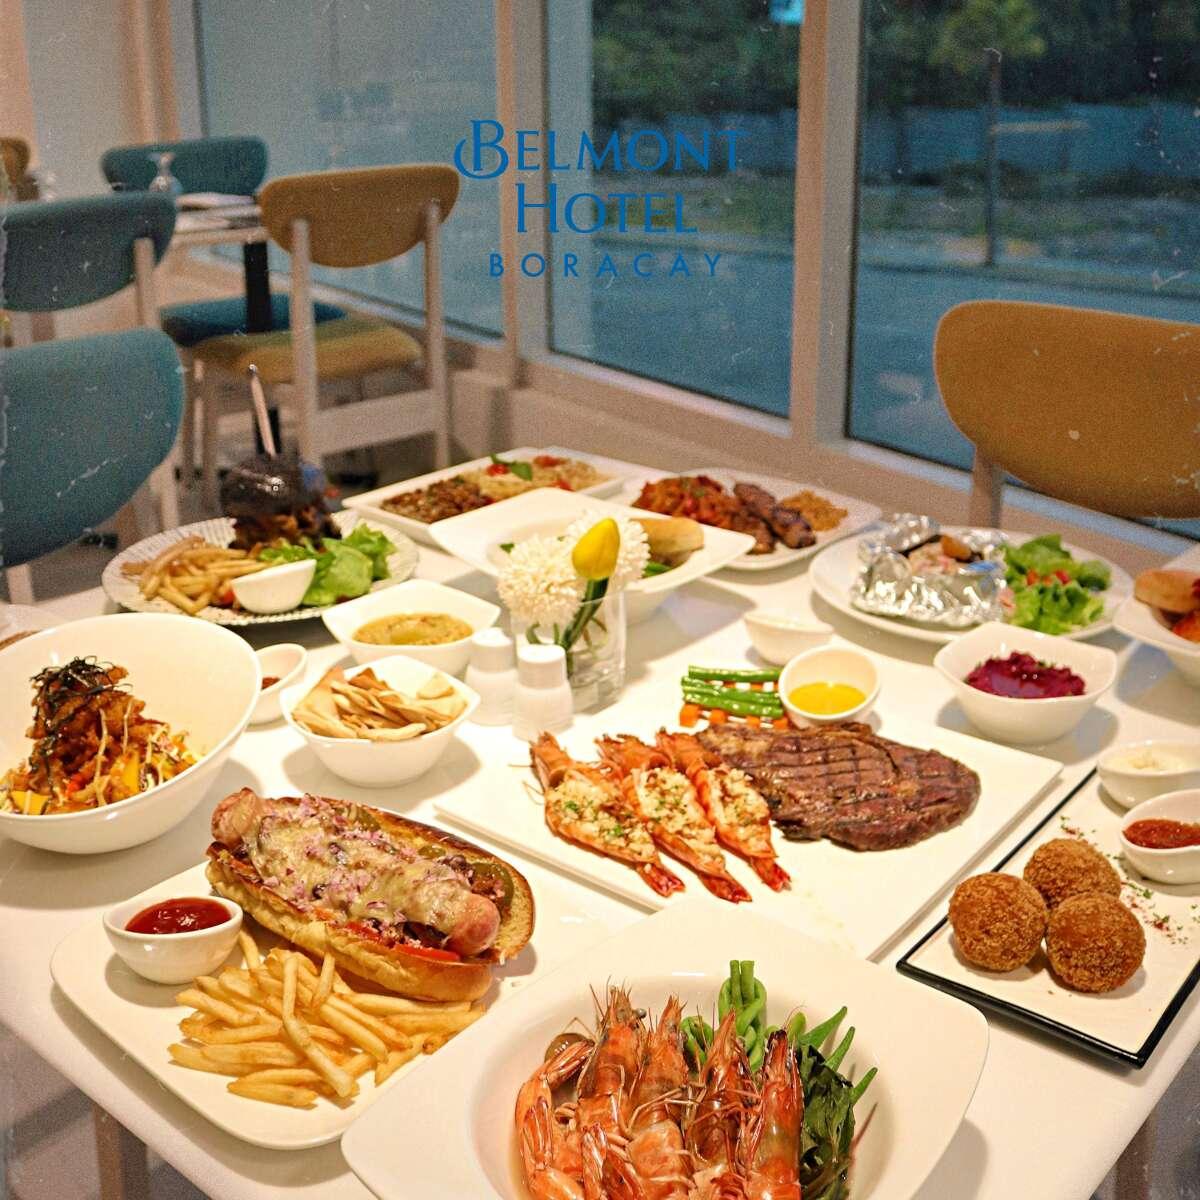 Belmont Hotel Boracay Hotel Meal